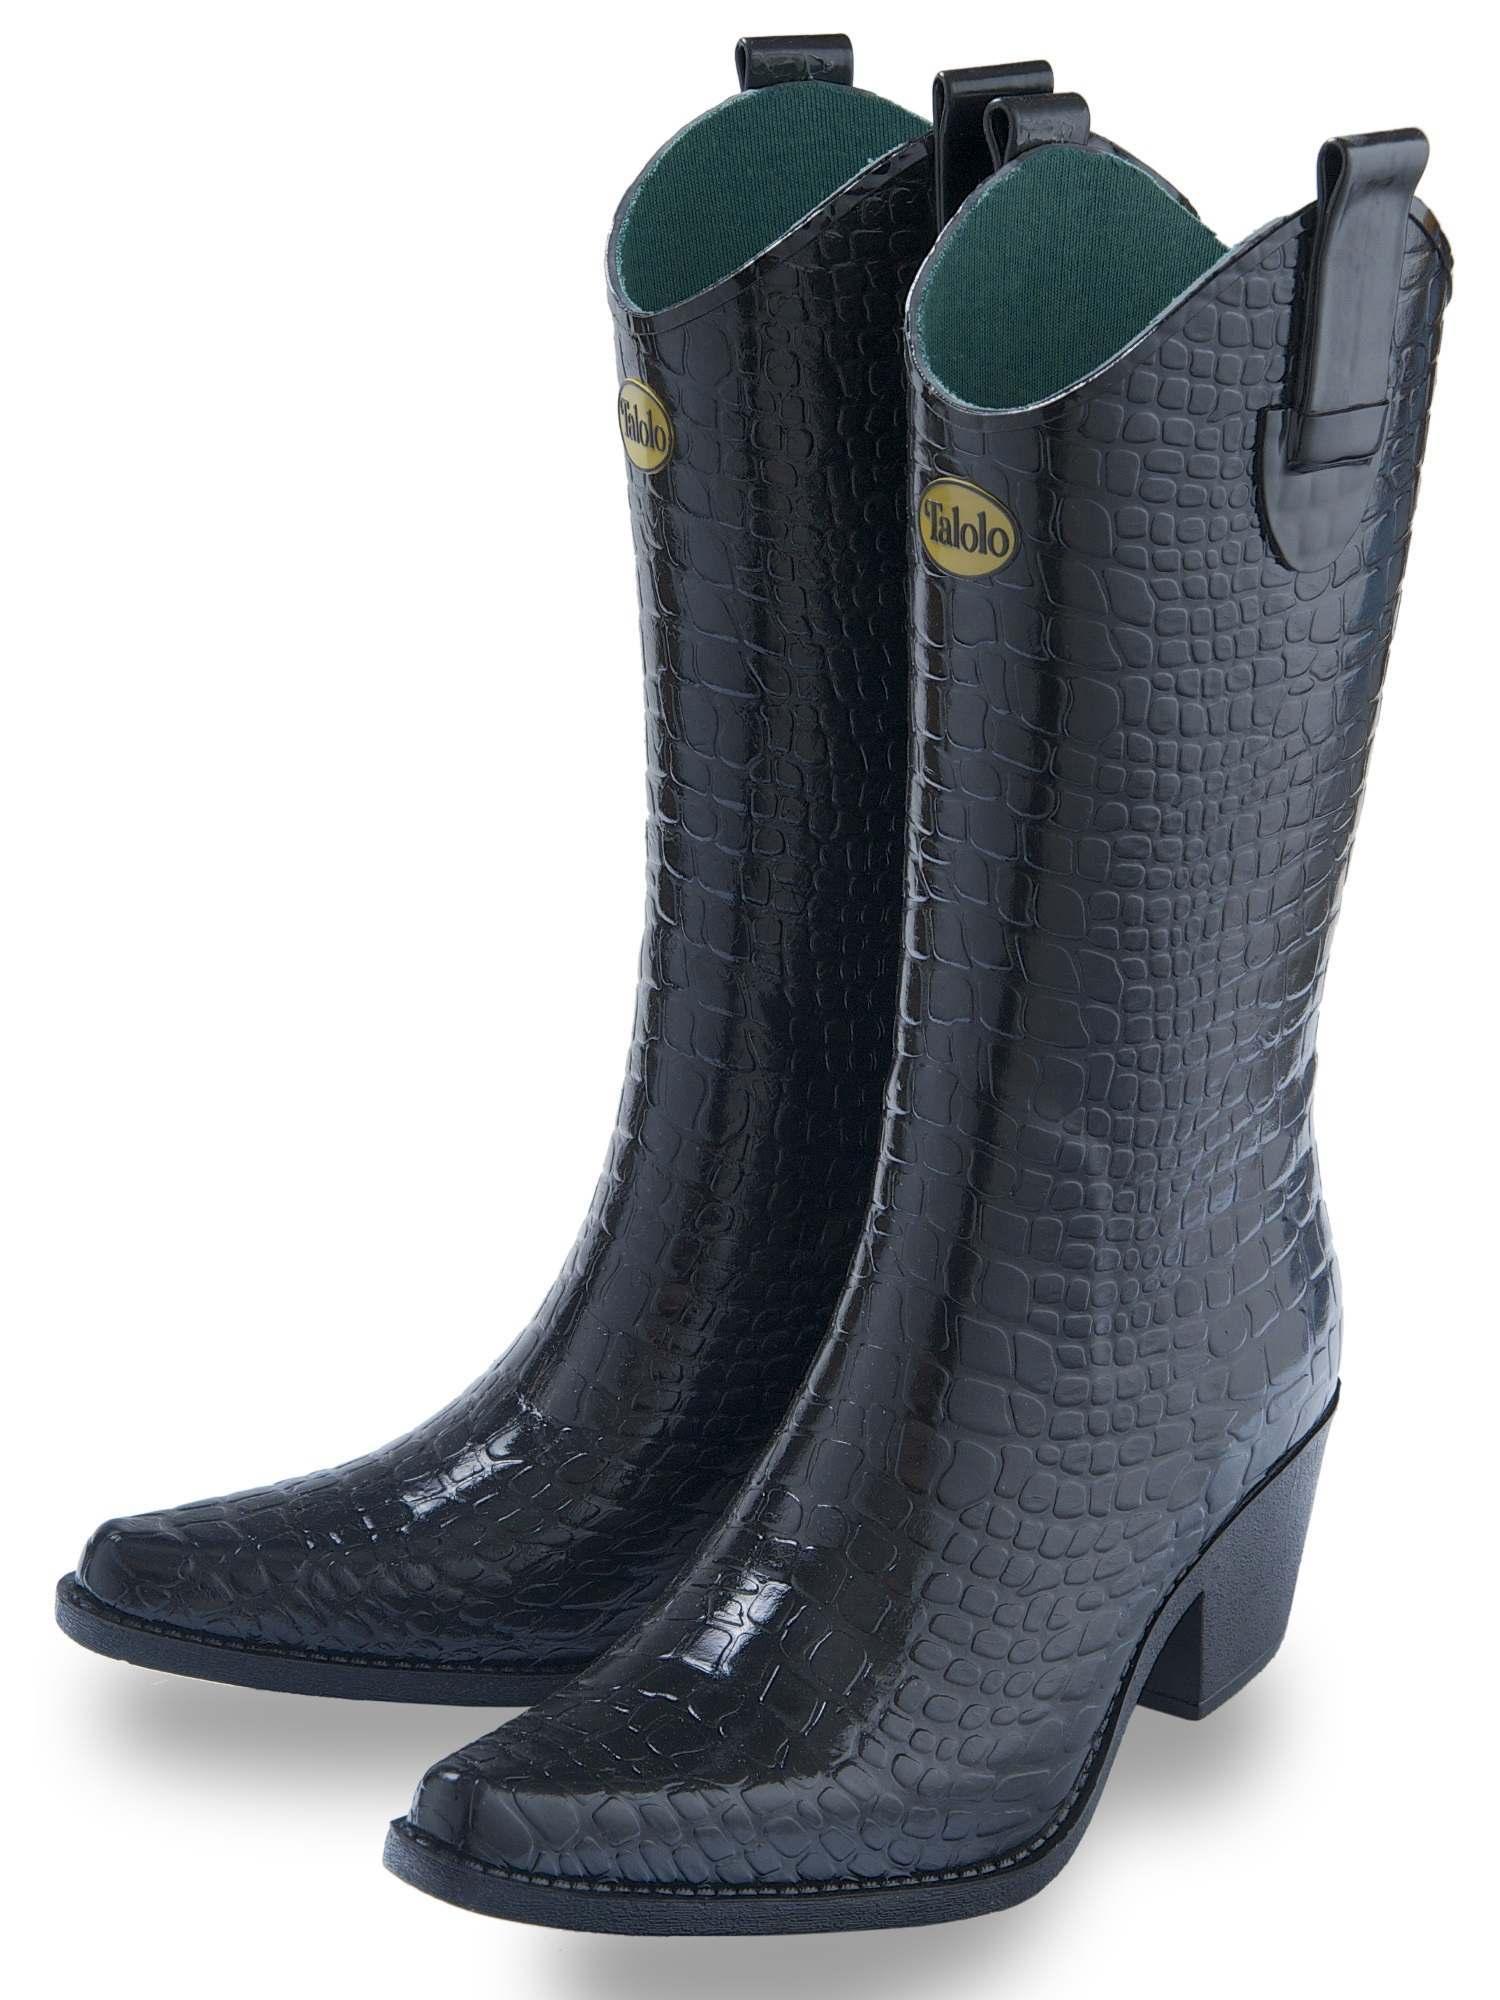 Talolo Boots Urbansnakeskin Jpg